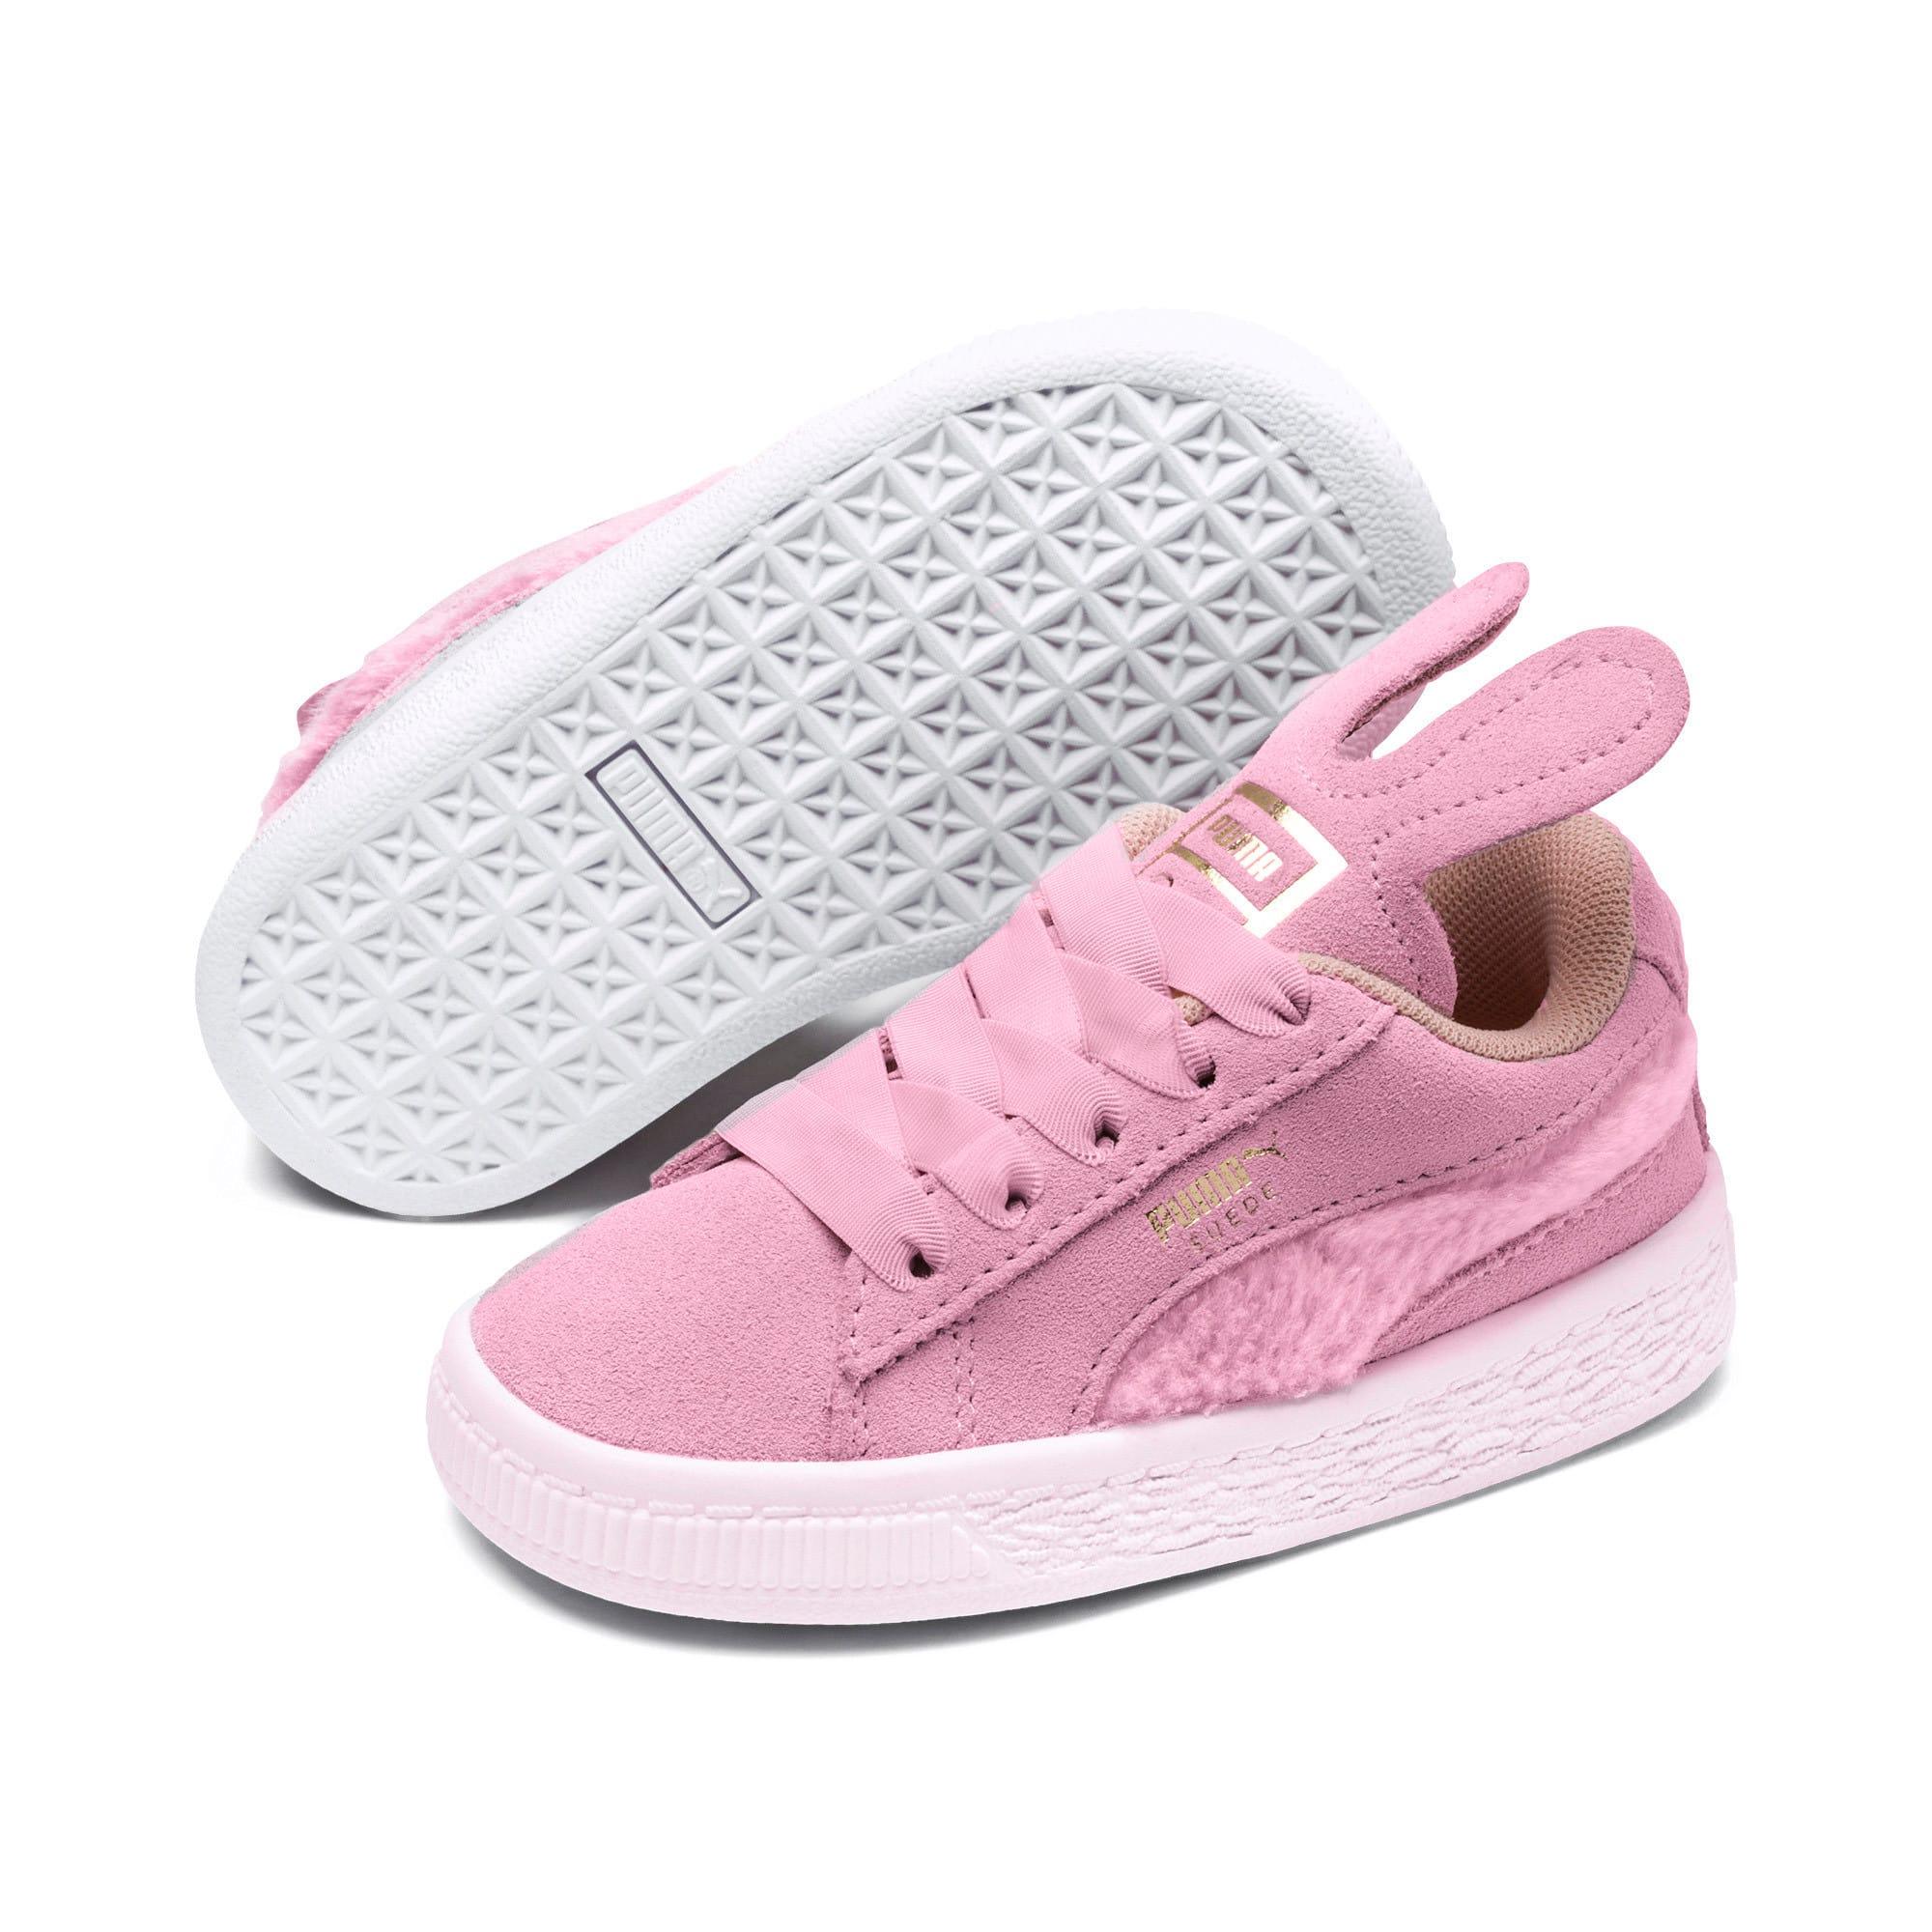 Miniatura 2 de Zapatos Suede Easter AC para niños, Pale Pink-Coral Cloud, mediano